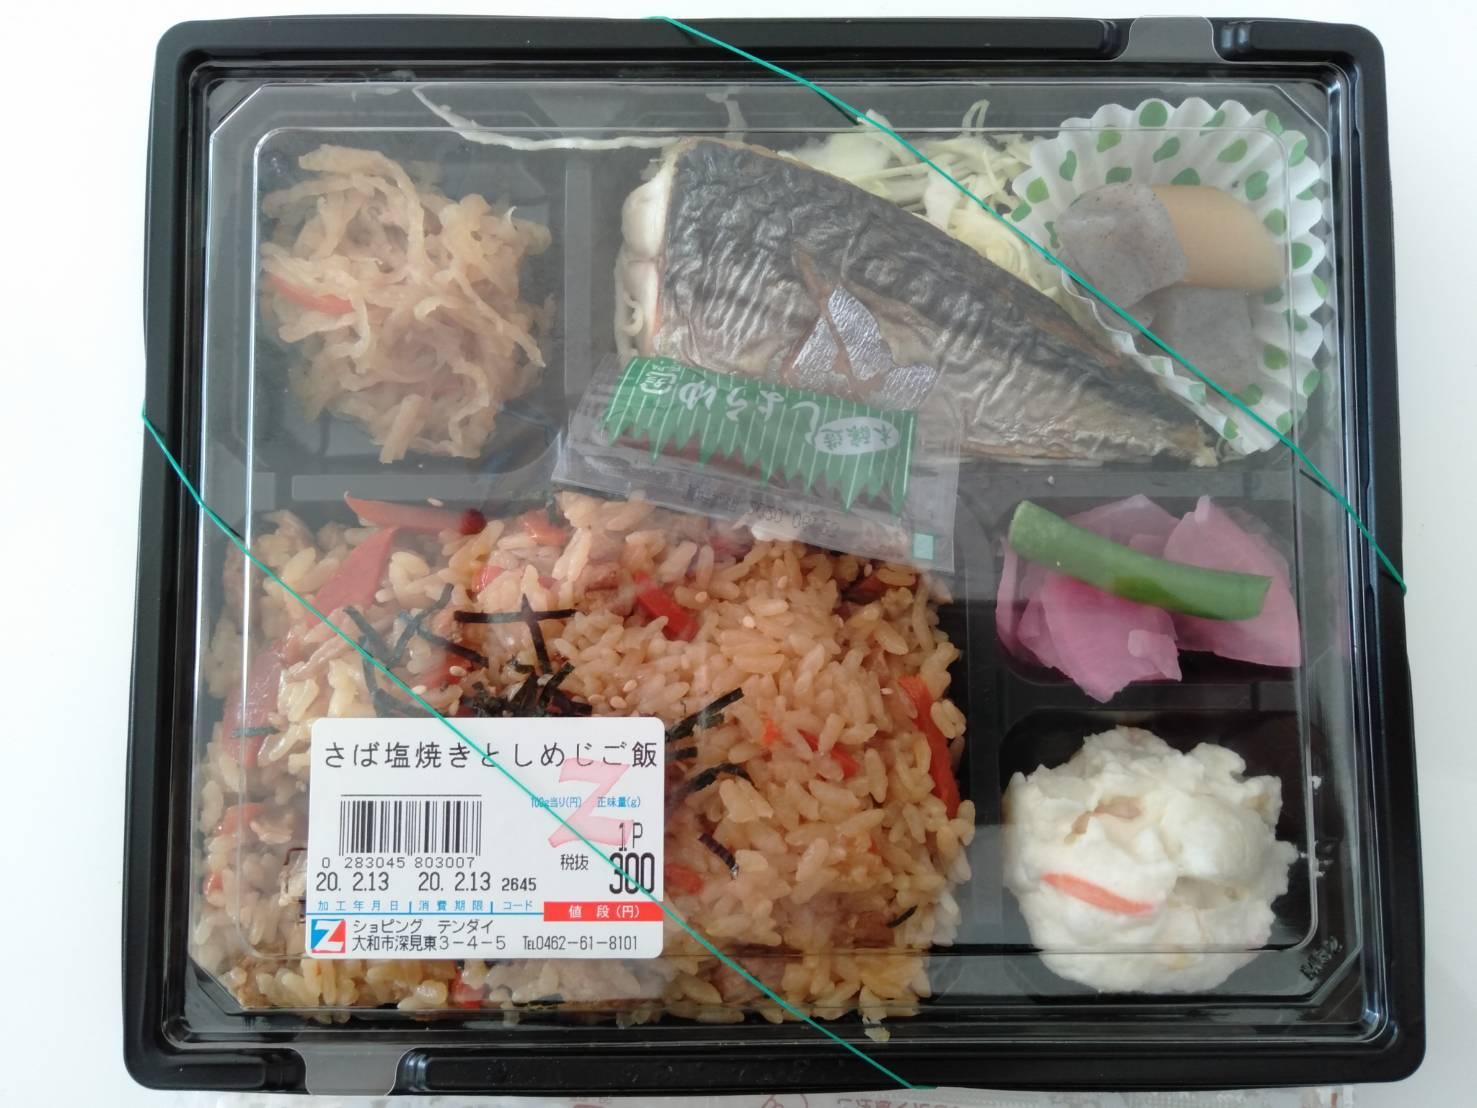 【深見東】テンダイというお弁当が300円のスーパーに行ったよ